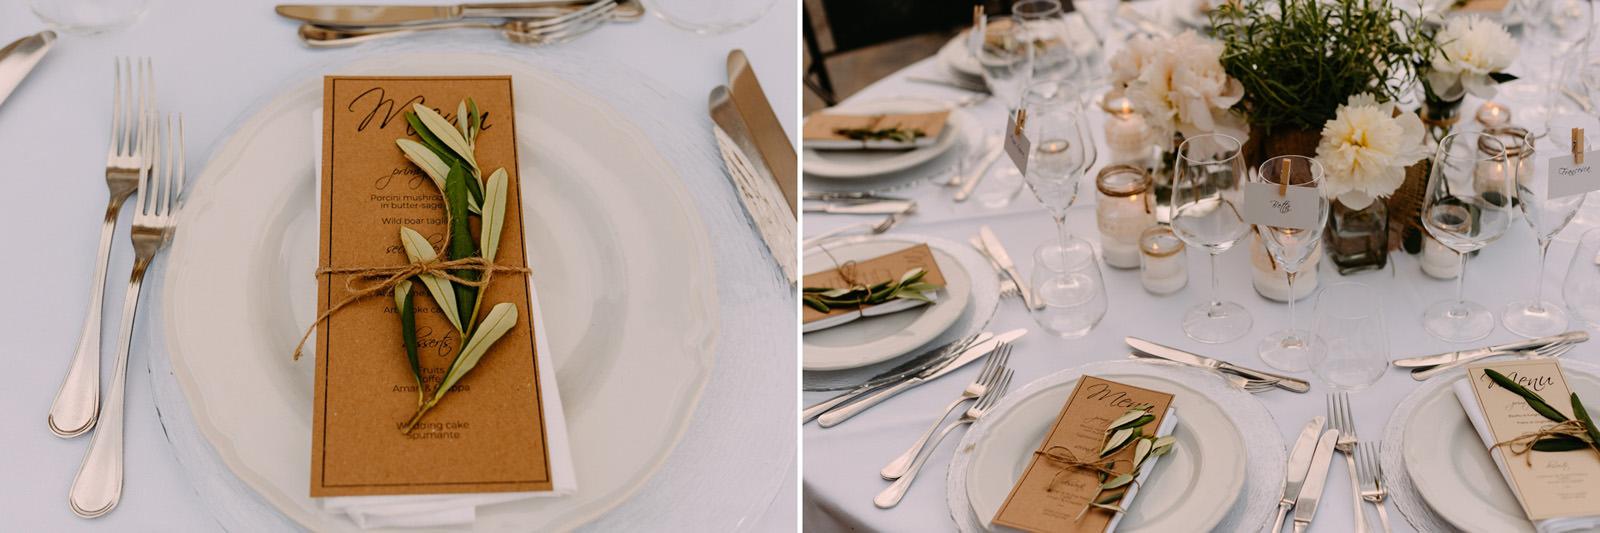 dekoracje stołu na weselu we Włoszech